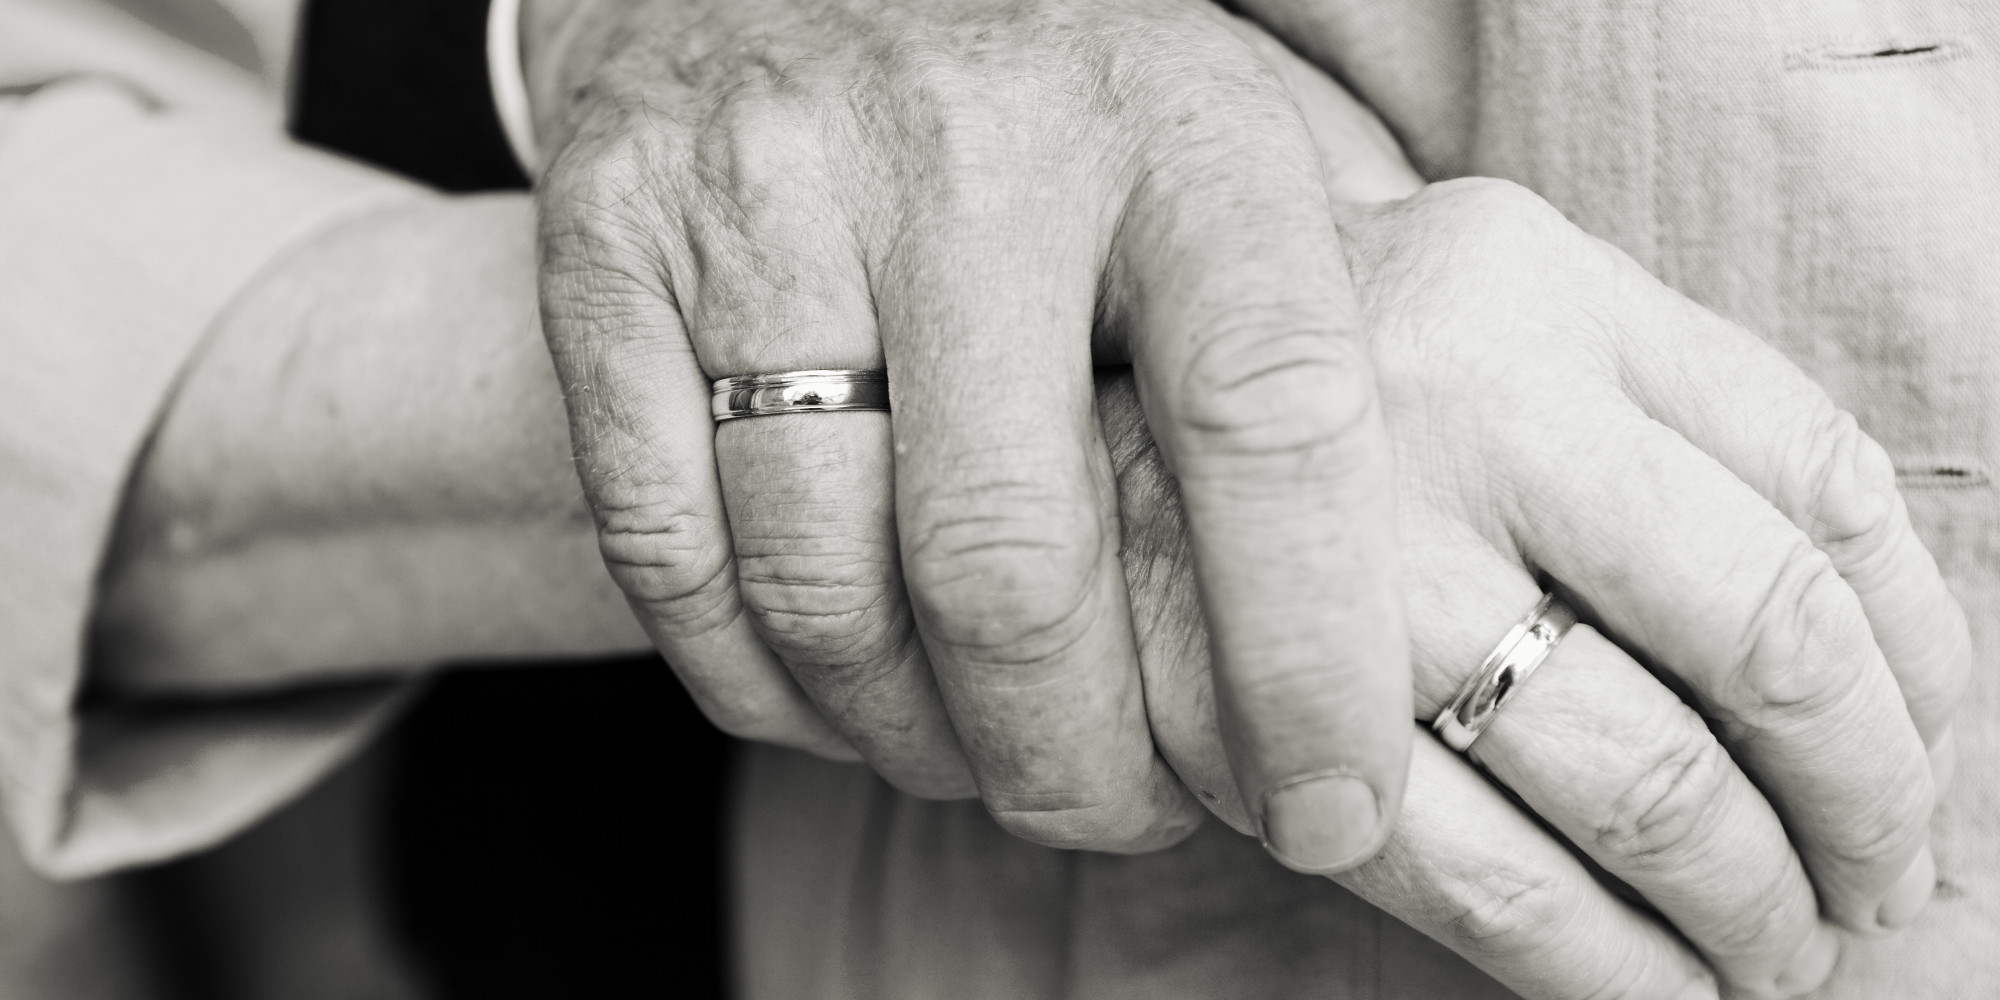 Idosos com aliança de casamento